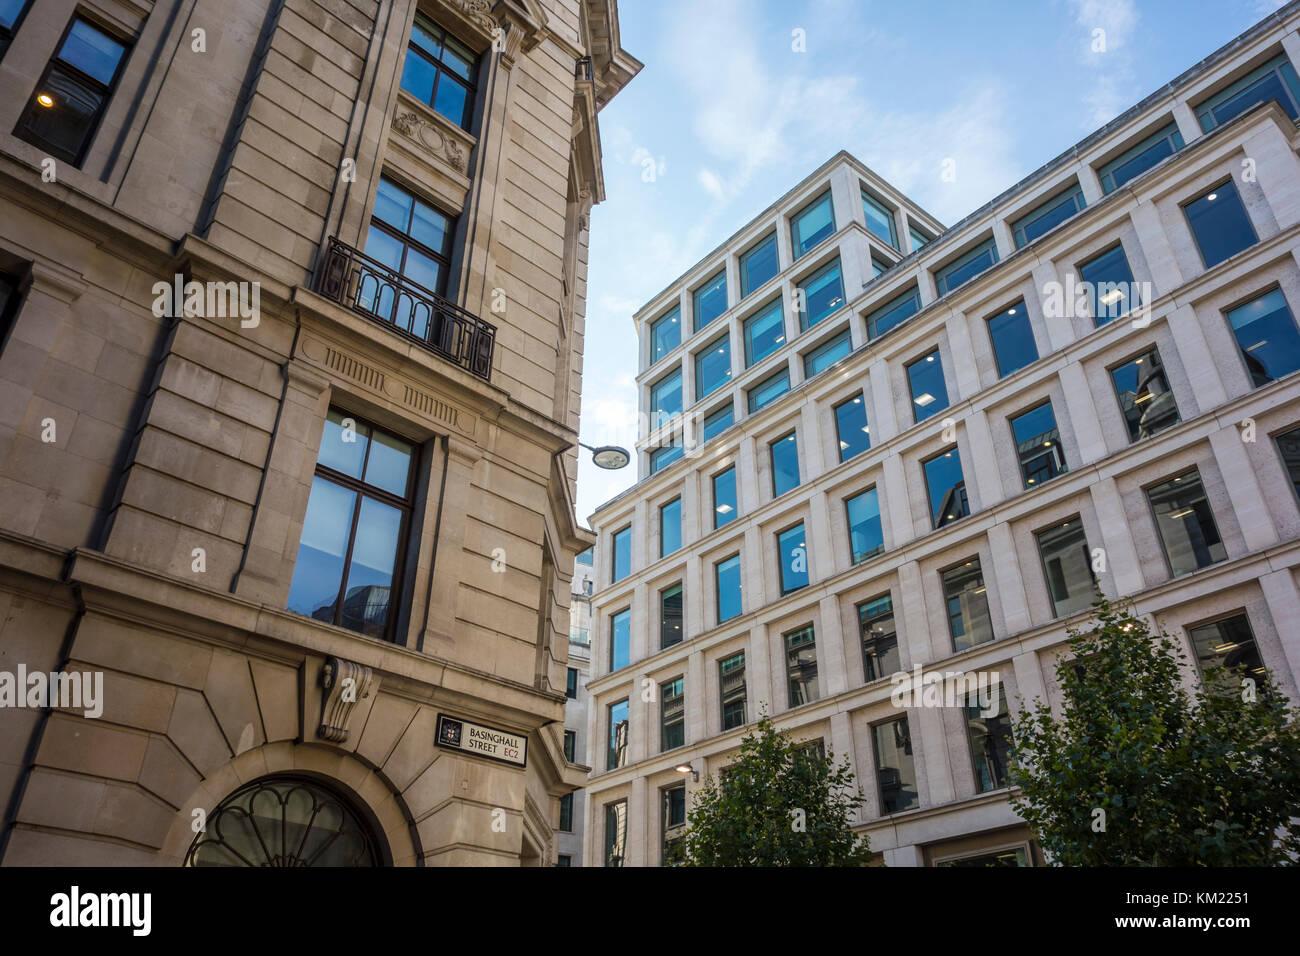 Les immeubles de bureaux à l'angle de Basinghall Street et Gresham Street, City of London, UK Photo Stock